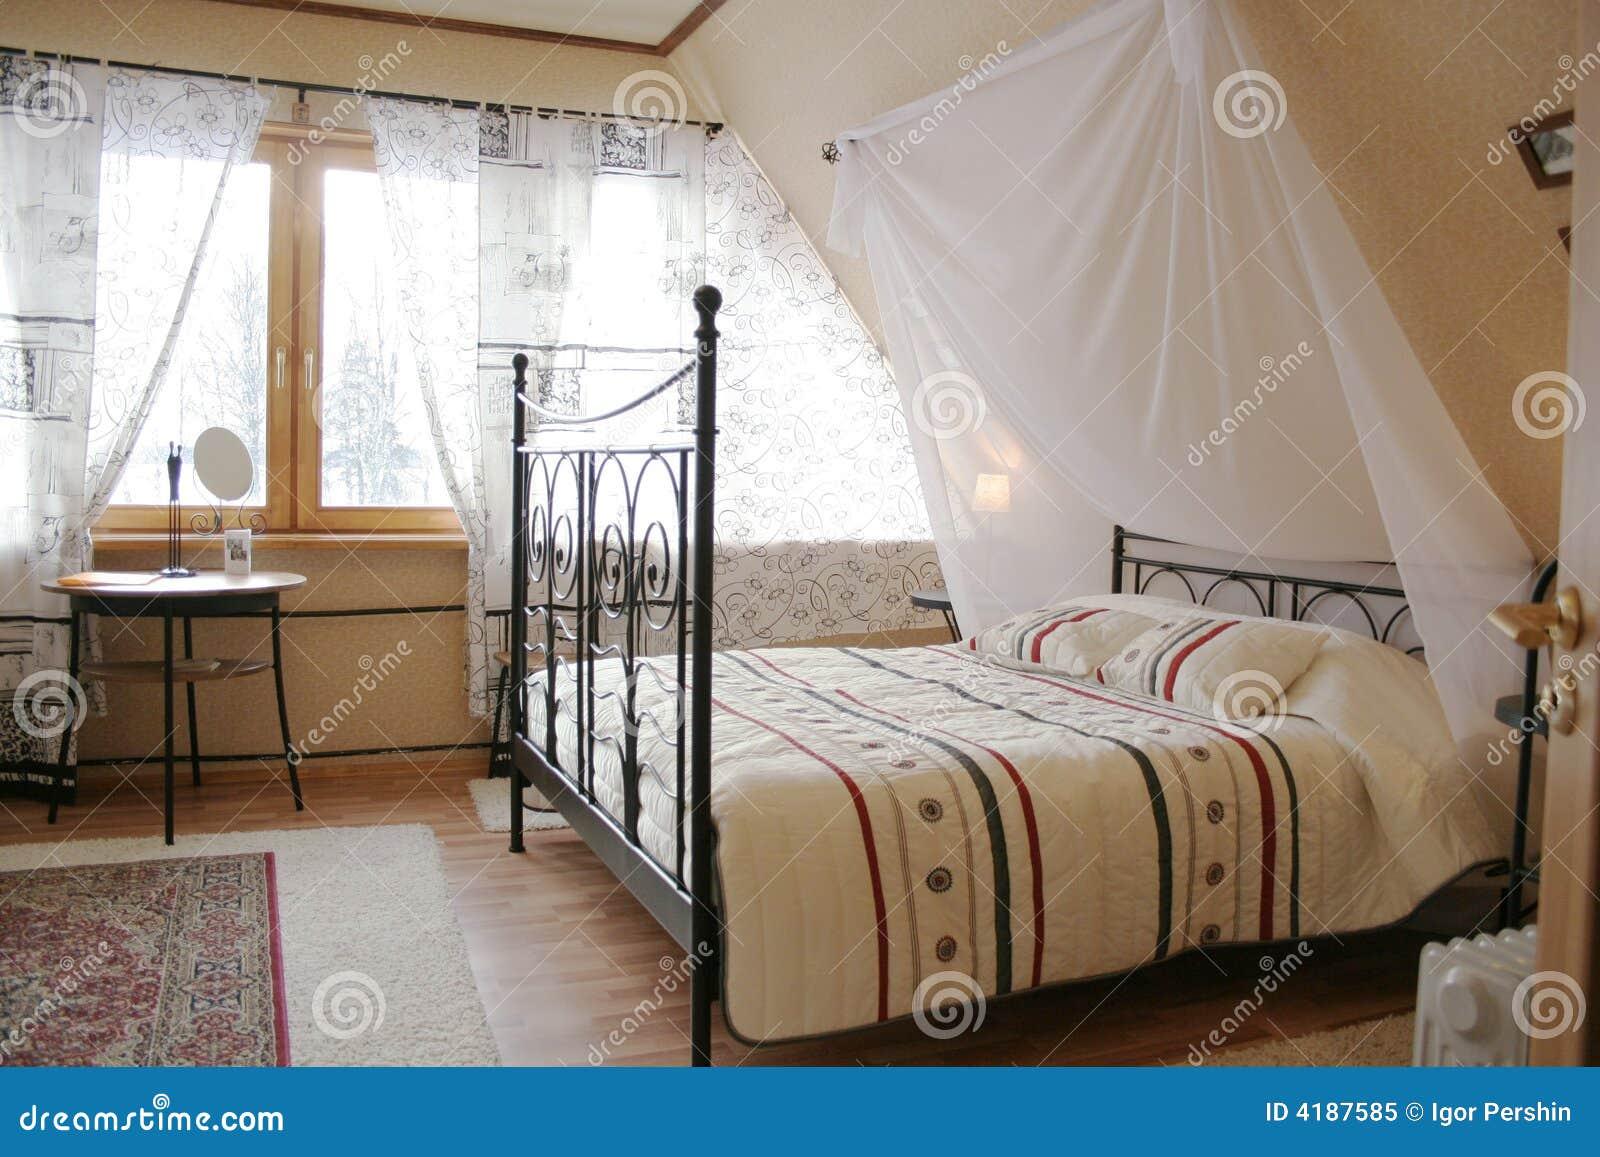 Camera da letto della soffitta fotografia stock libera da for Camera da letto del soffitto della cattedrale